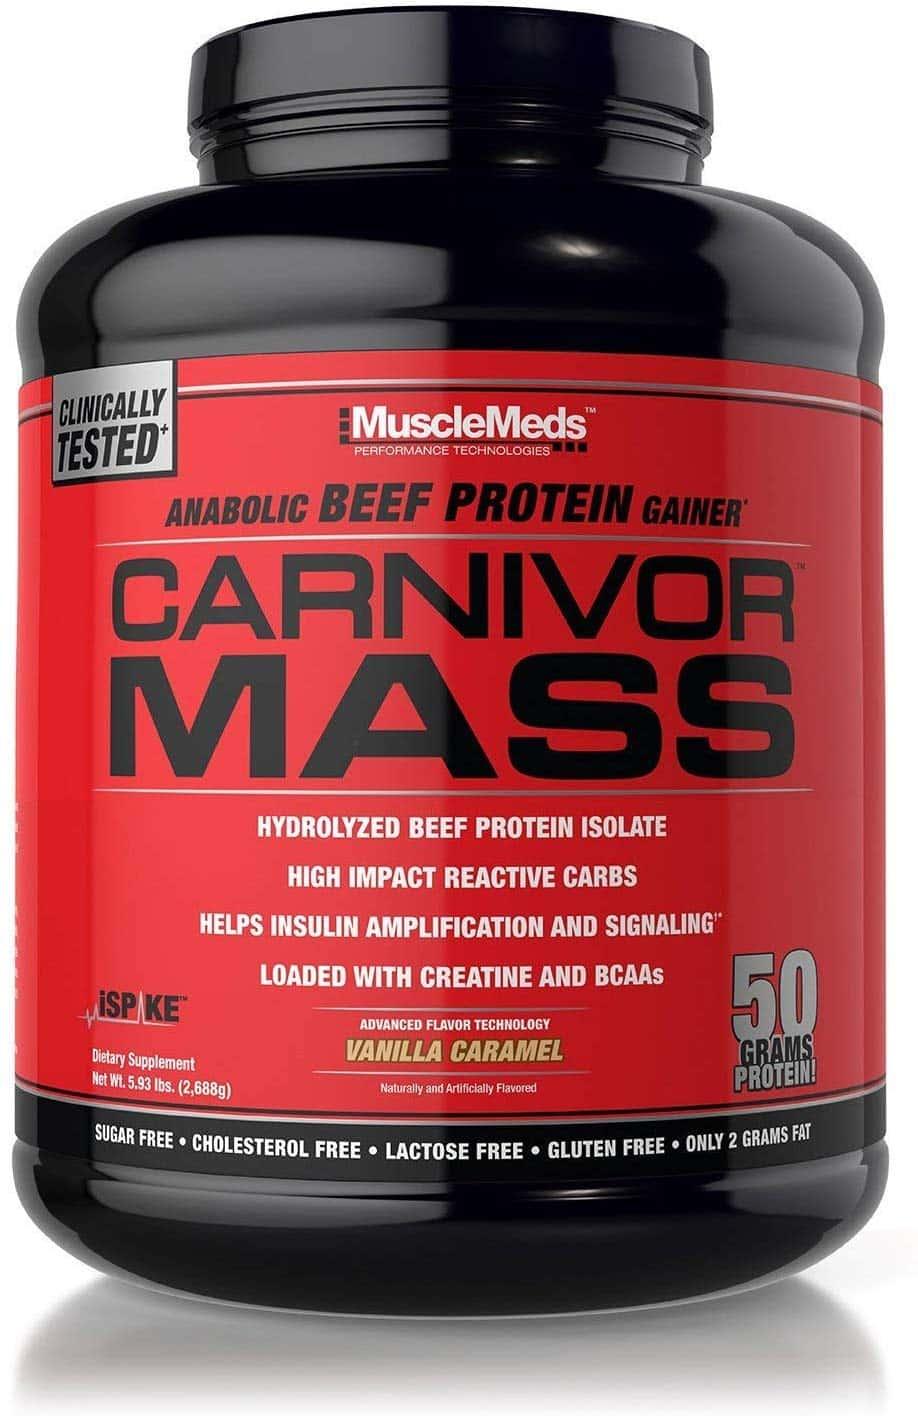 Susu MuscleMeds Carnivor Mass